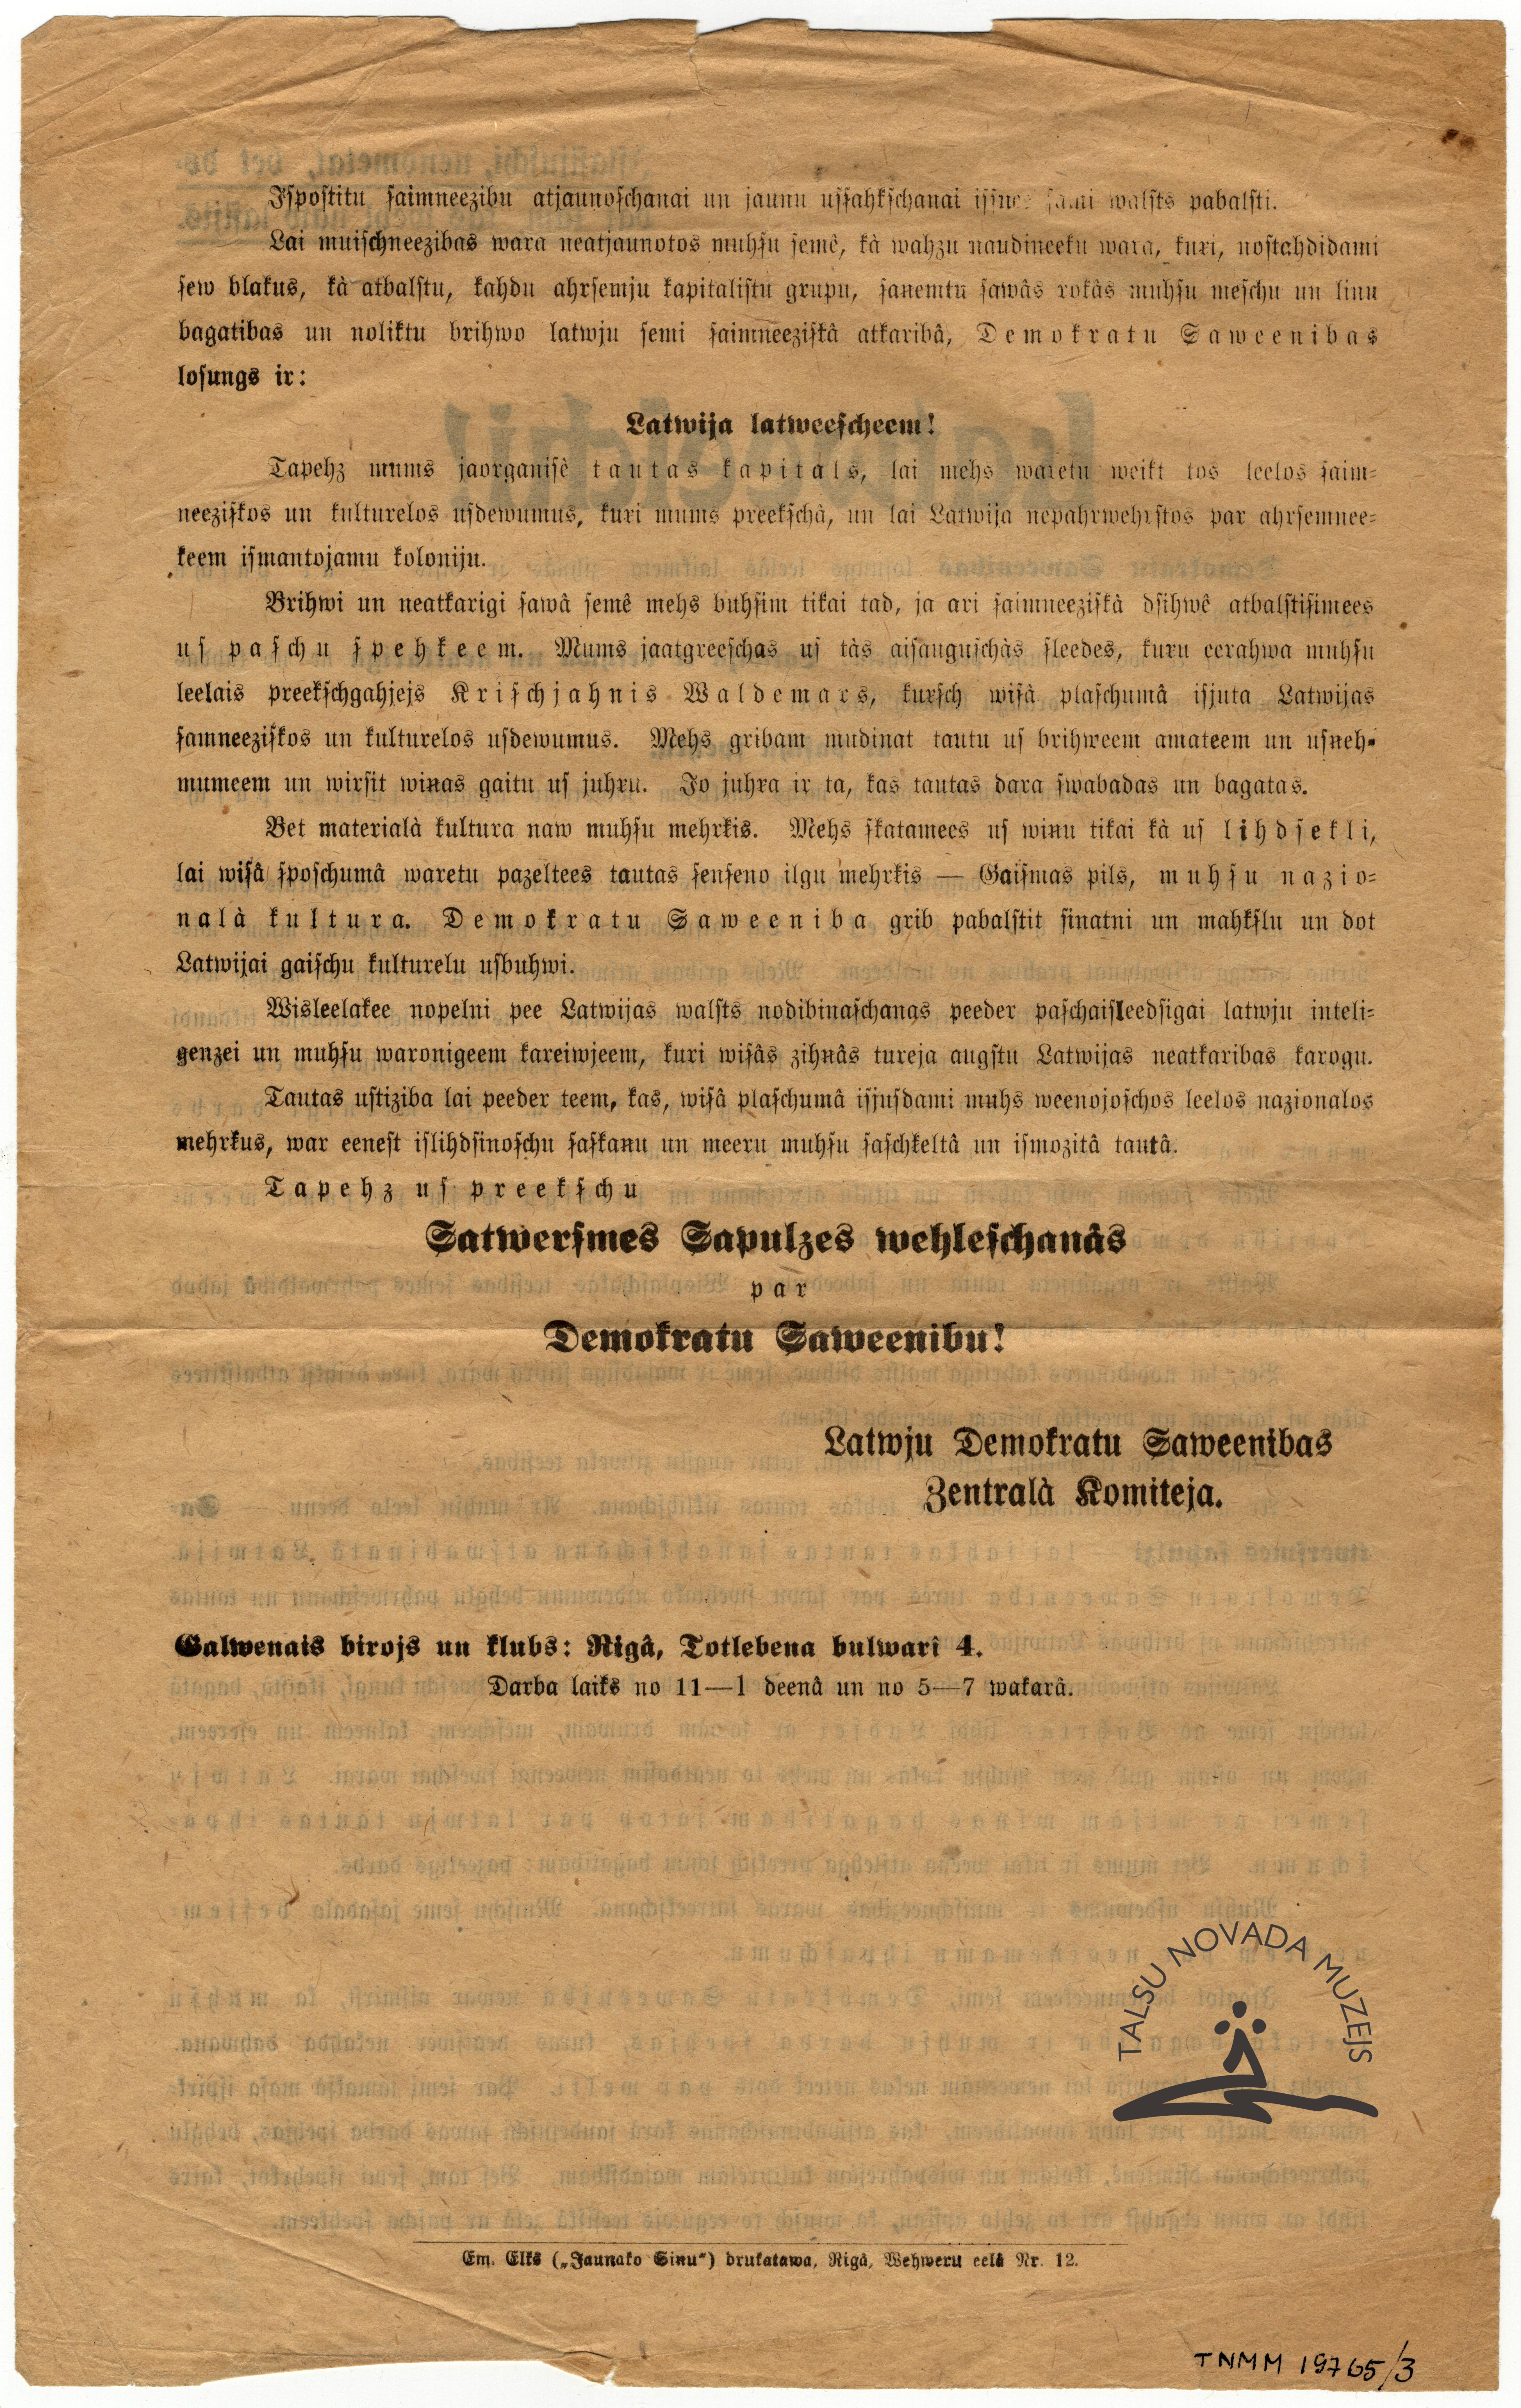 Latvju demokrātu savienības vēlēšanu plakāti un aģitācijas lapas